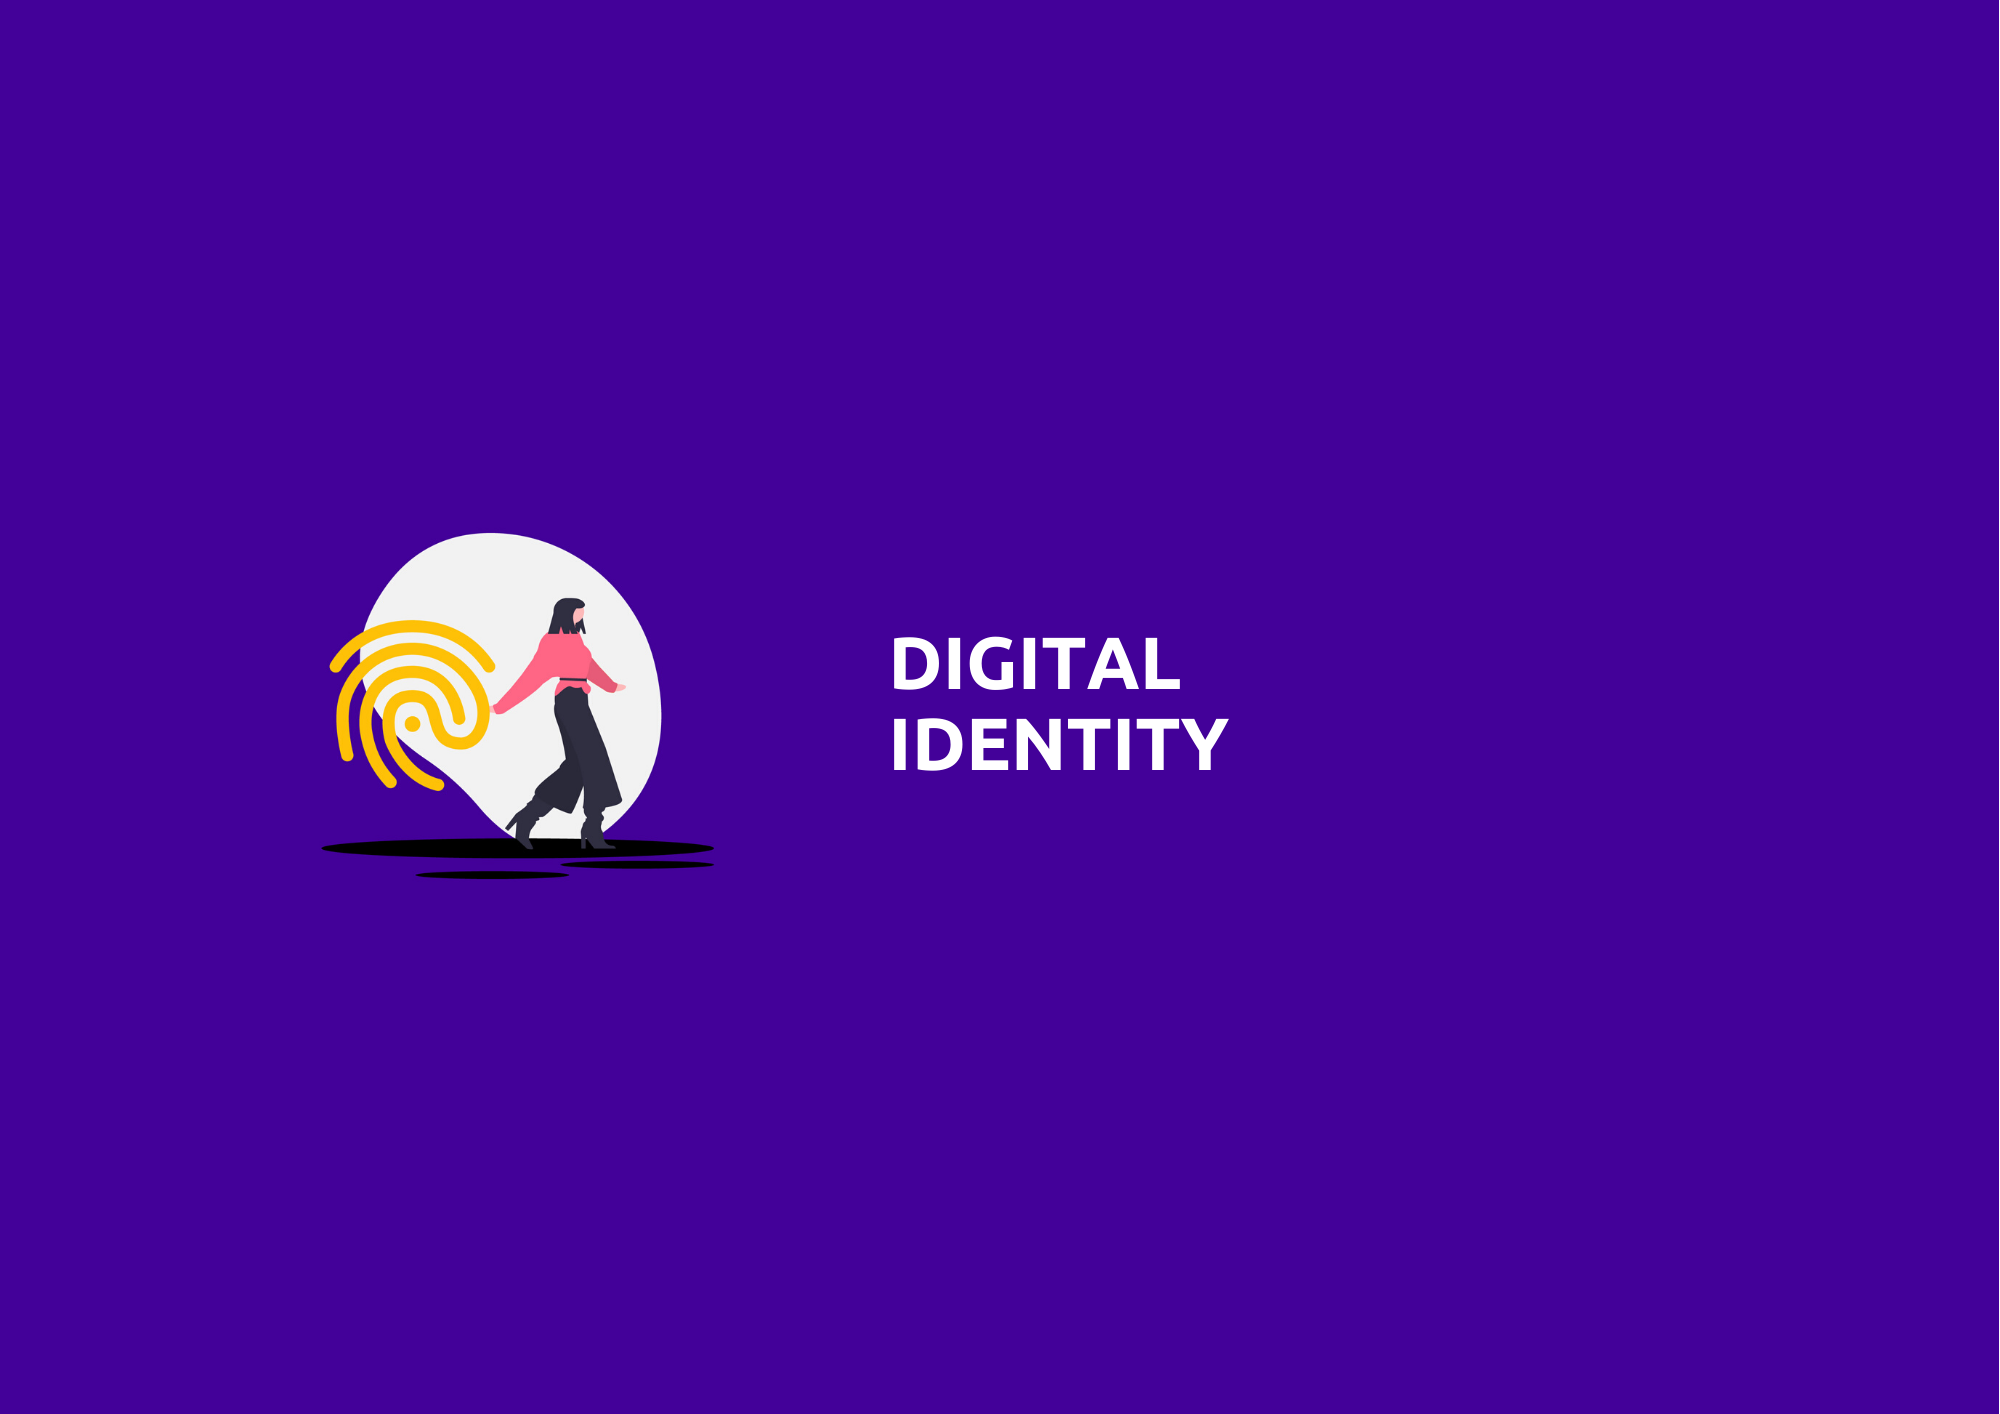 Płatność zapomocą odcisku palca?  Takbędzie wDigital Identity 3.0